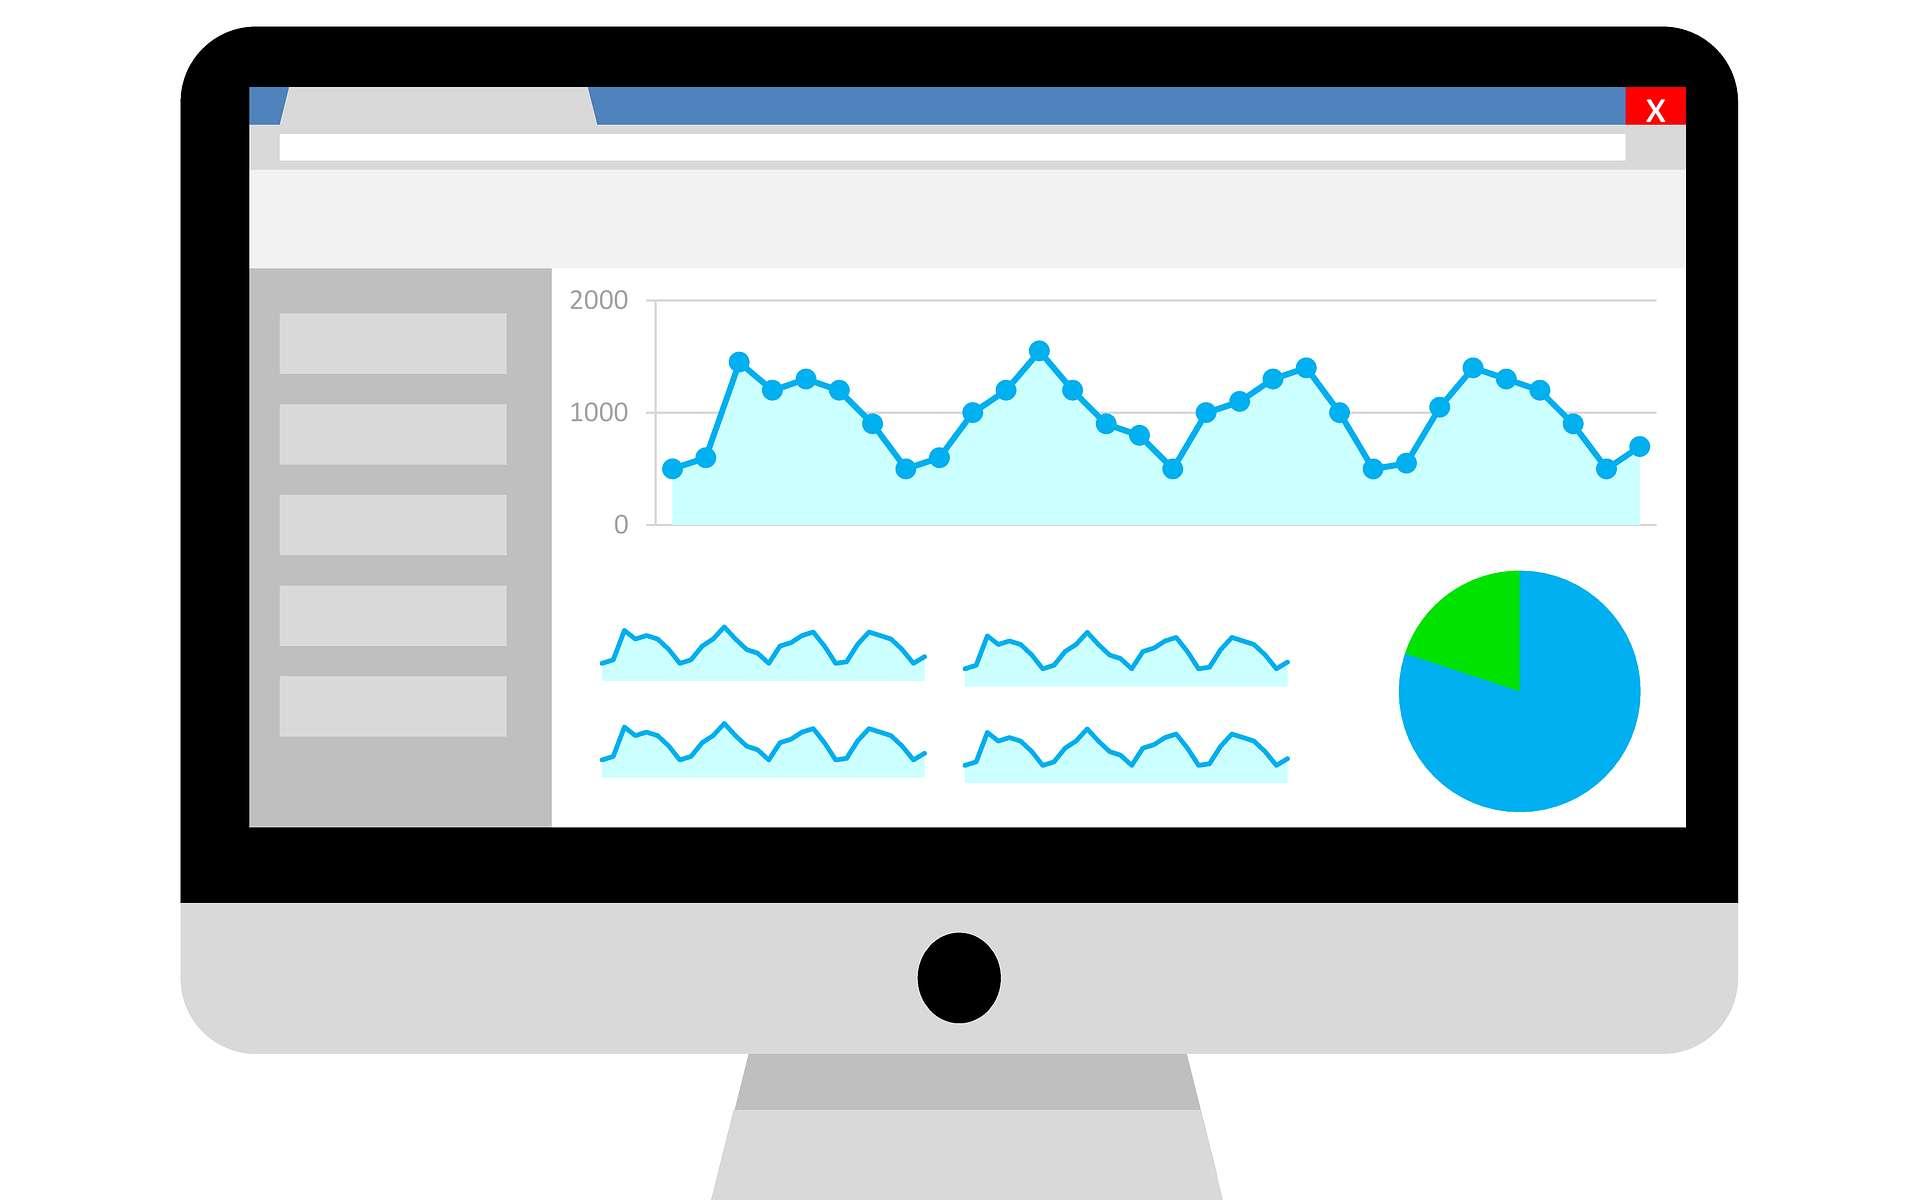 Formation google analytics © Tumisu, Pixabay